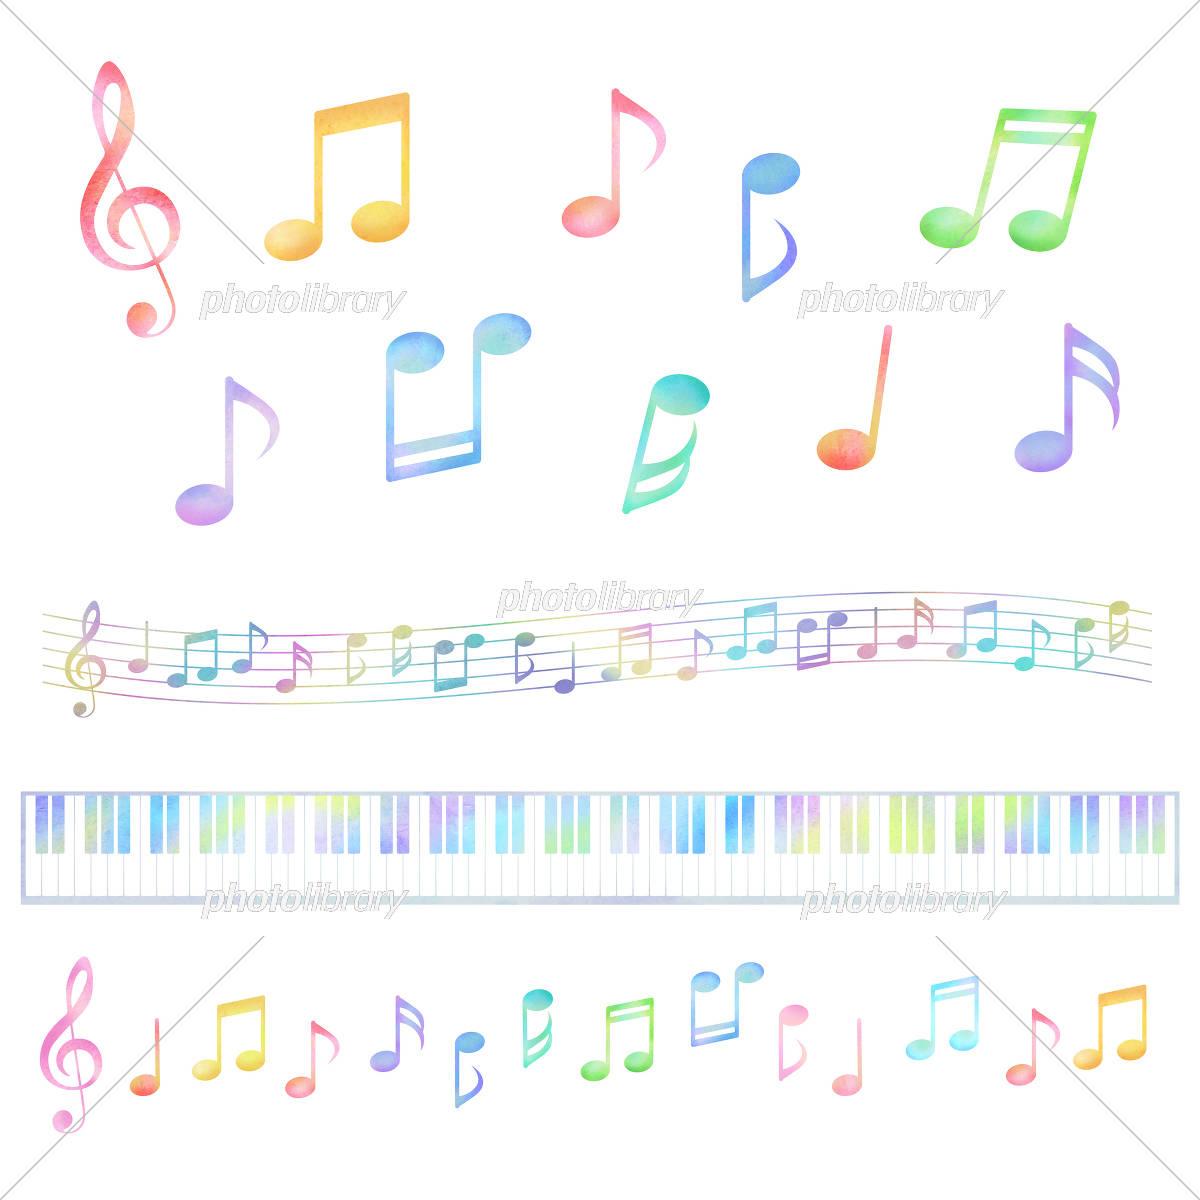 音符と鍵盤セット カラフル イラスト素材 5254697 フォトライブ